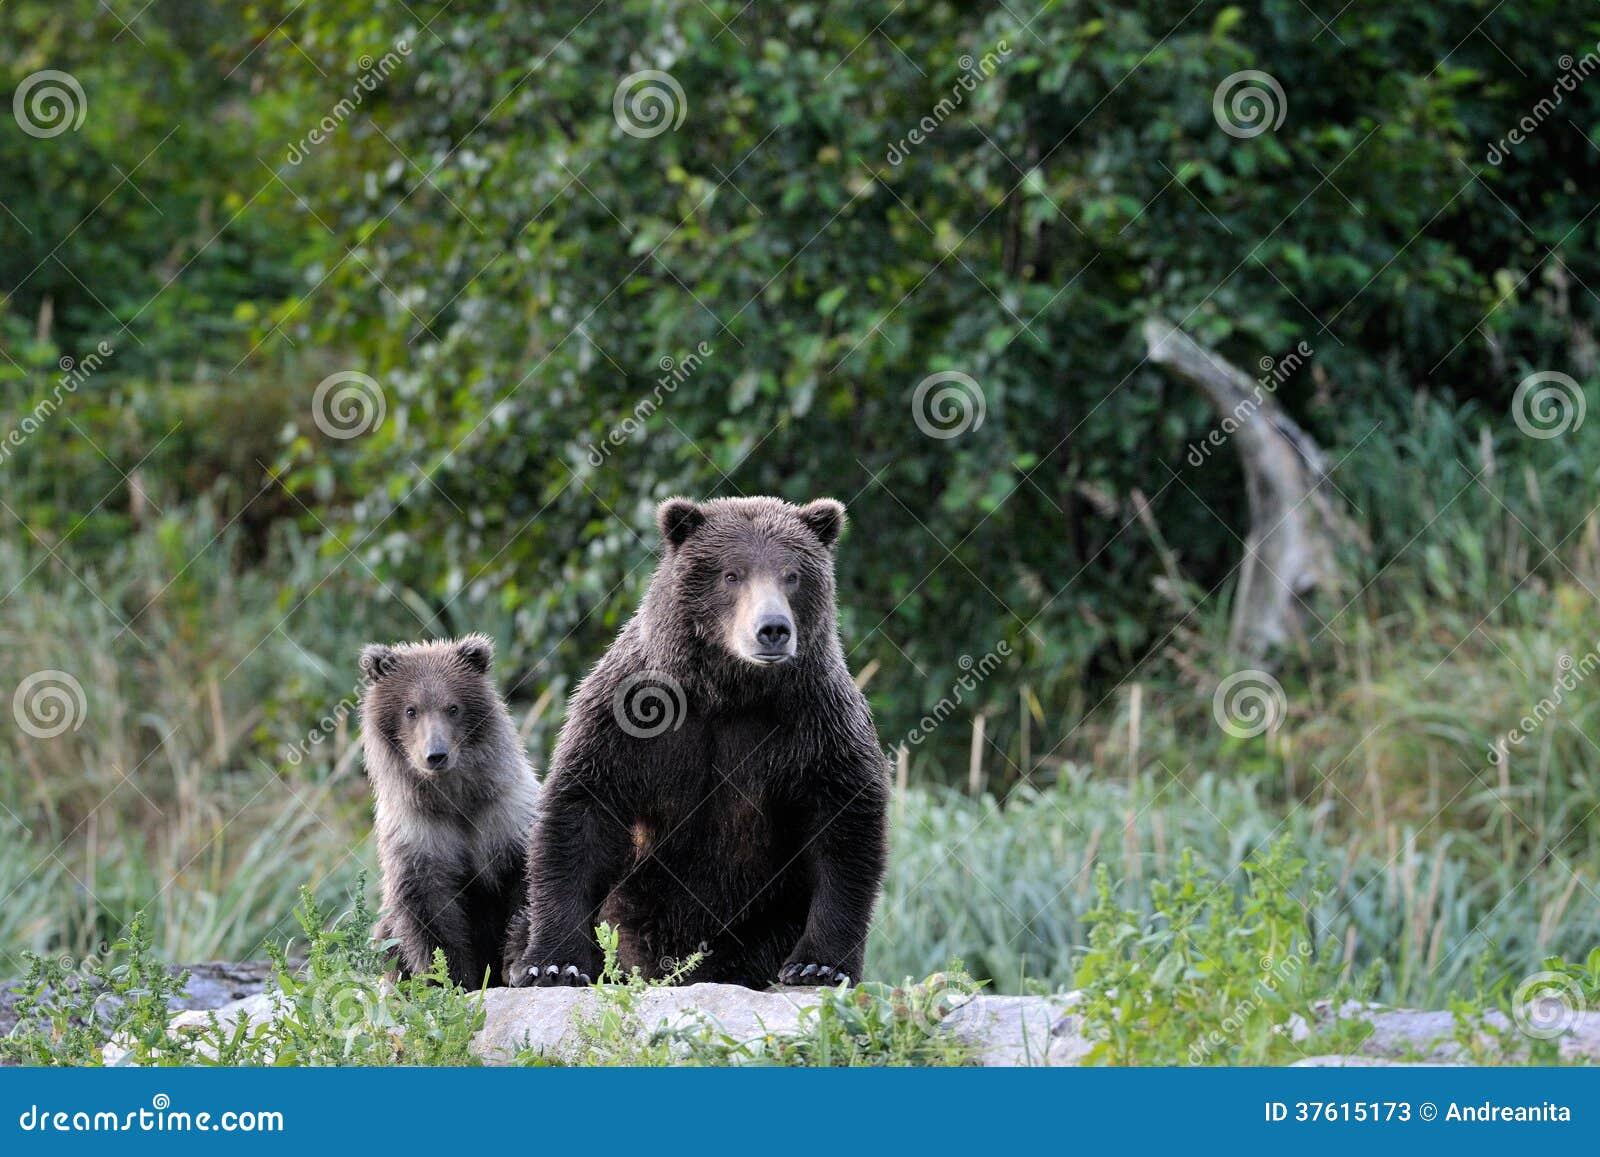 Mãe do urso pardo com filhote.